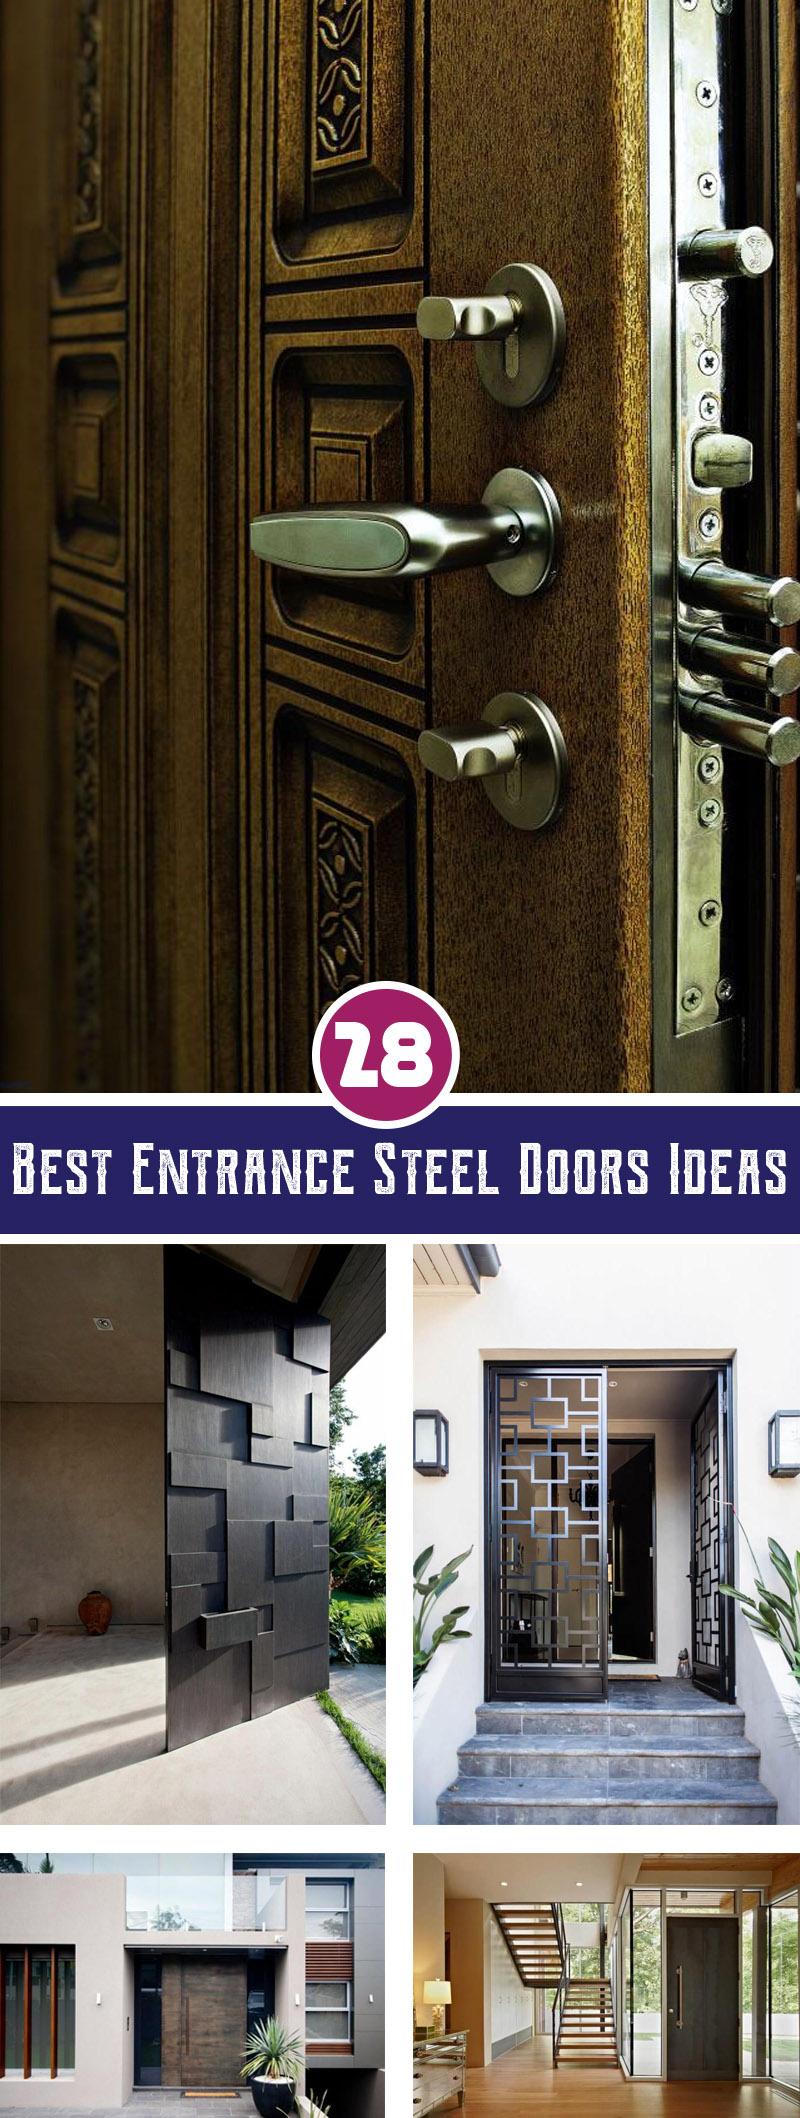 best entrance steel doors ideas